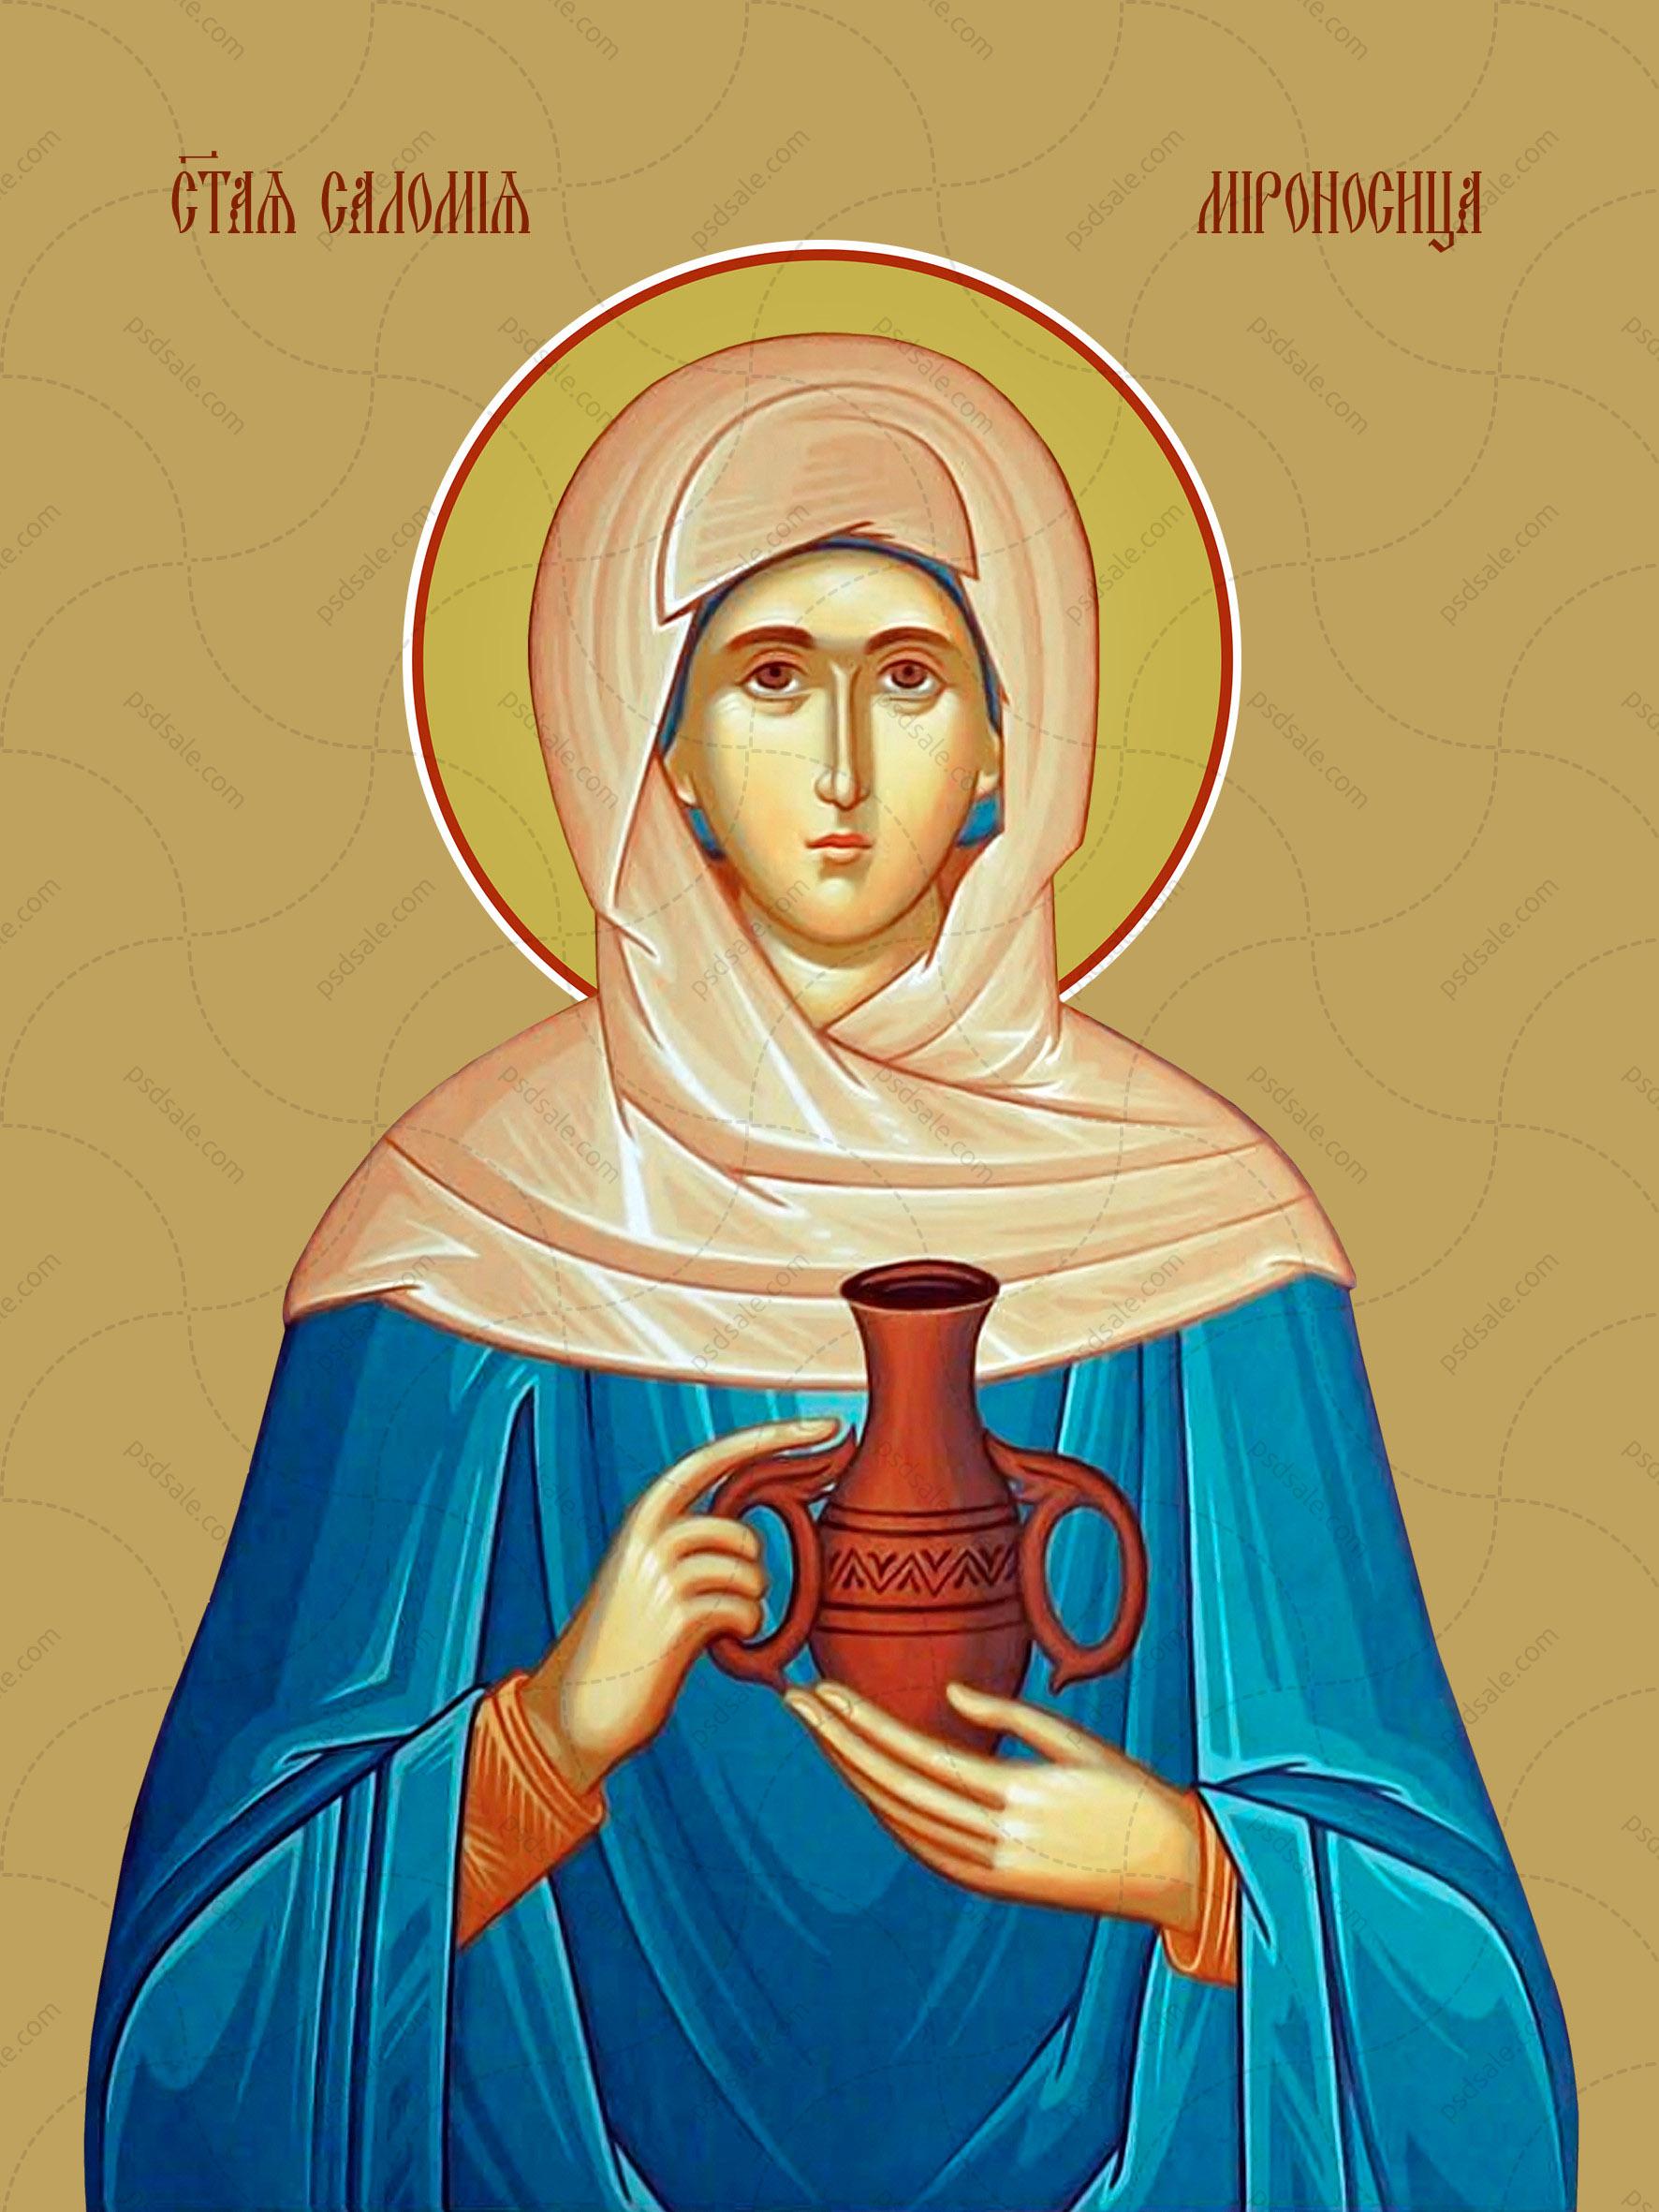 Саломия Мироносица, святая